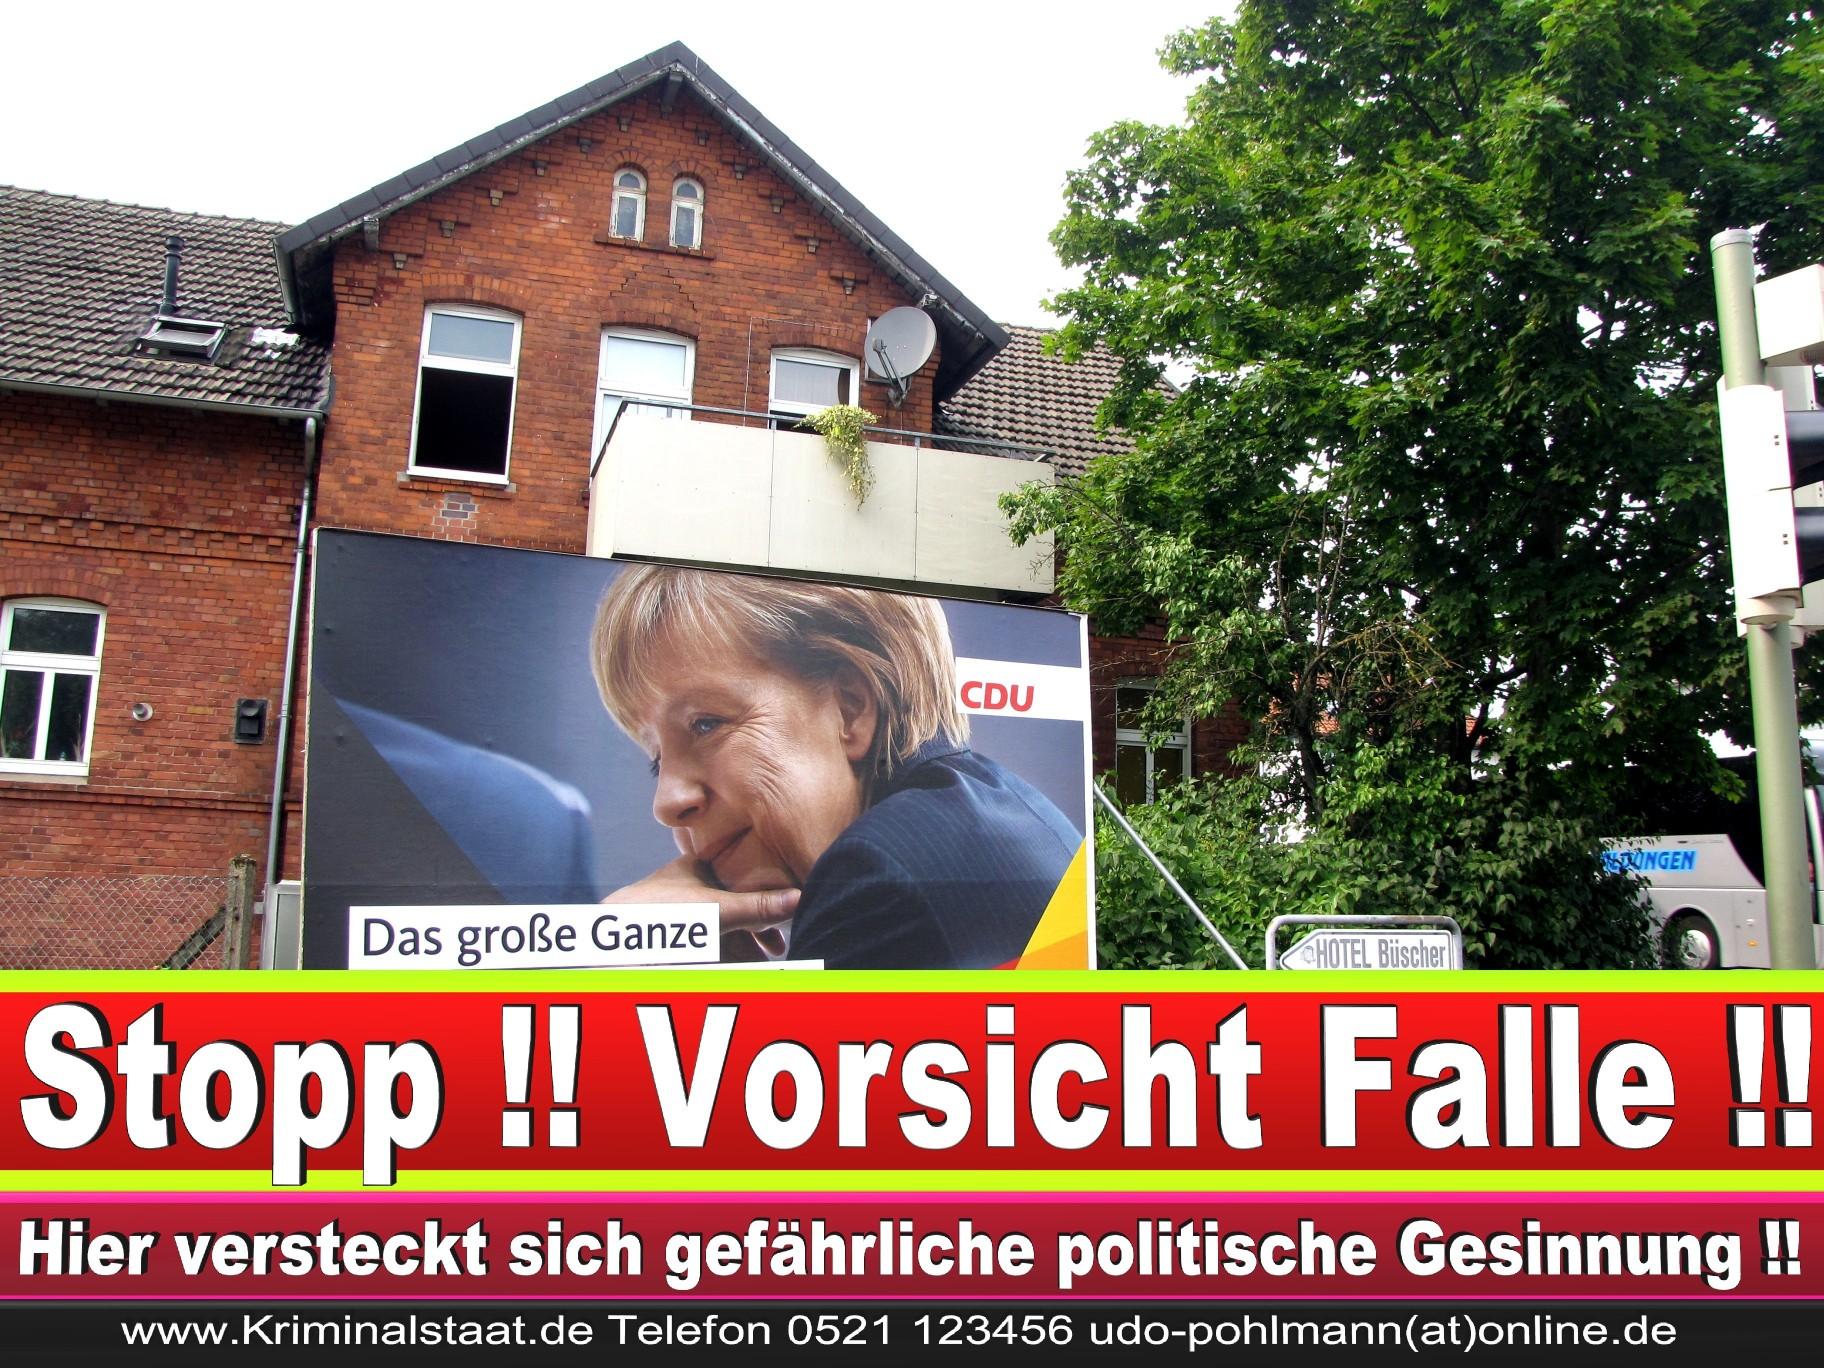 Wahlwerbung Wahlplakate Landtagswahl 2019 Europawahl CDU SPD FDP 2021 (86)